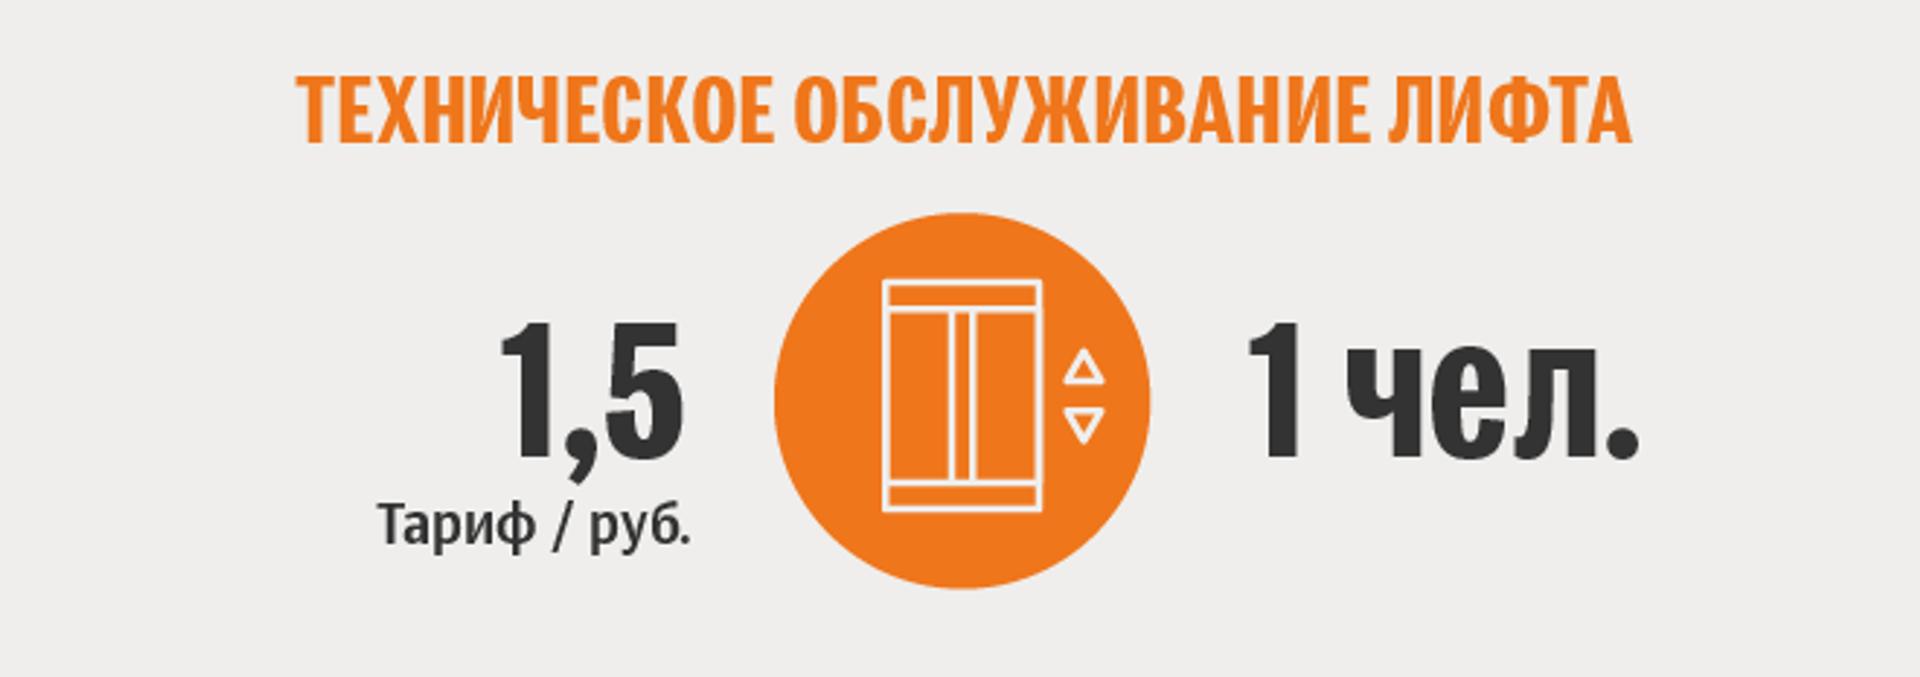 Тарифы белорусской жировки: техническое обслуживание лифта - Sputnik Беларусь, 1920, 29.06.2021